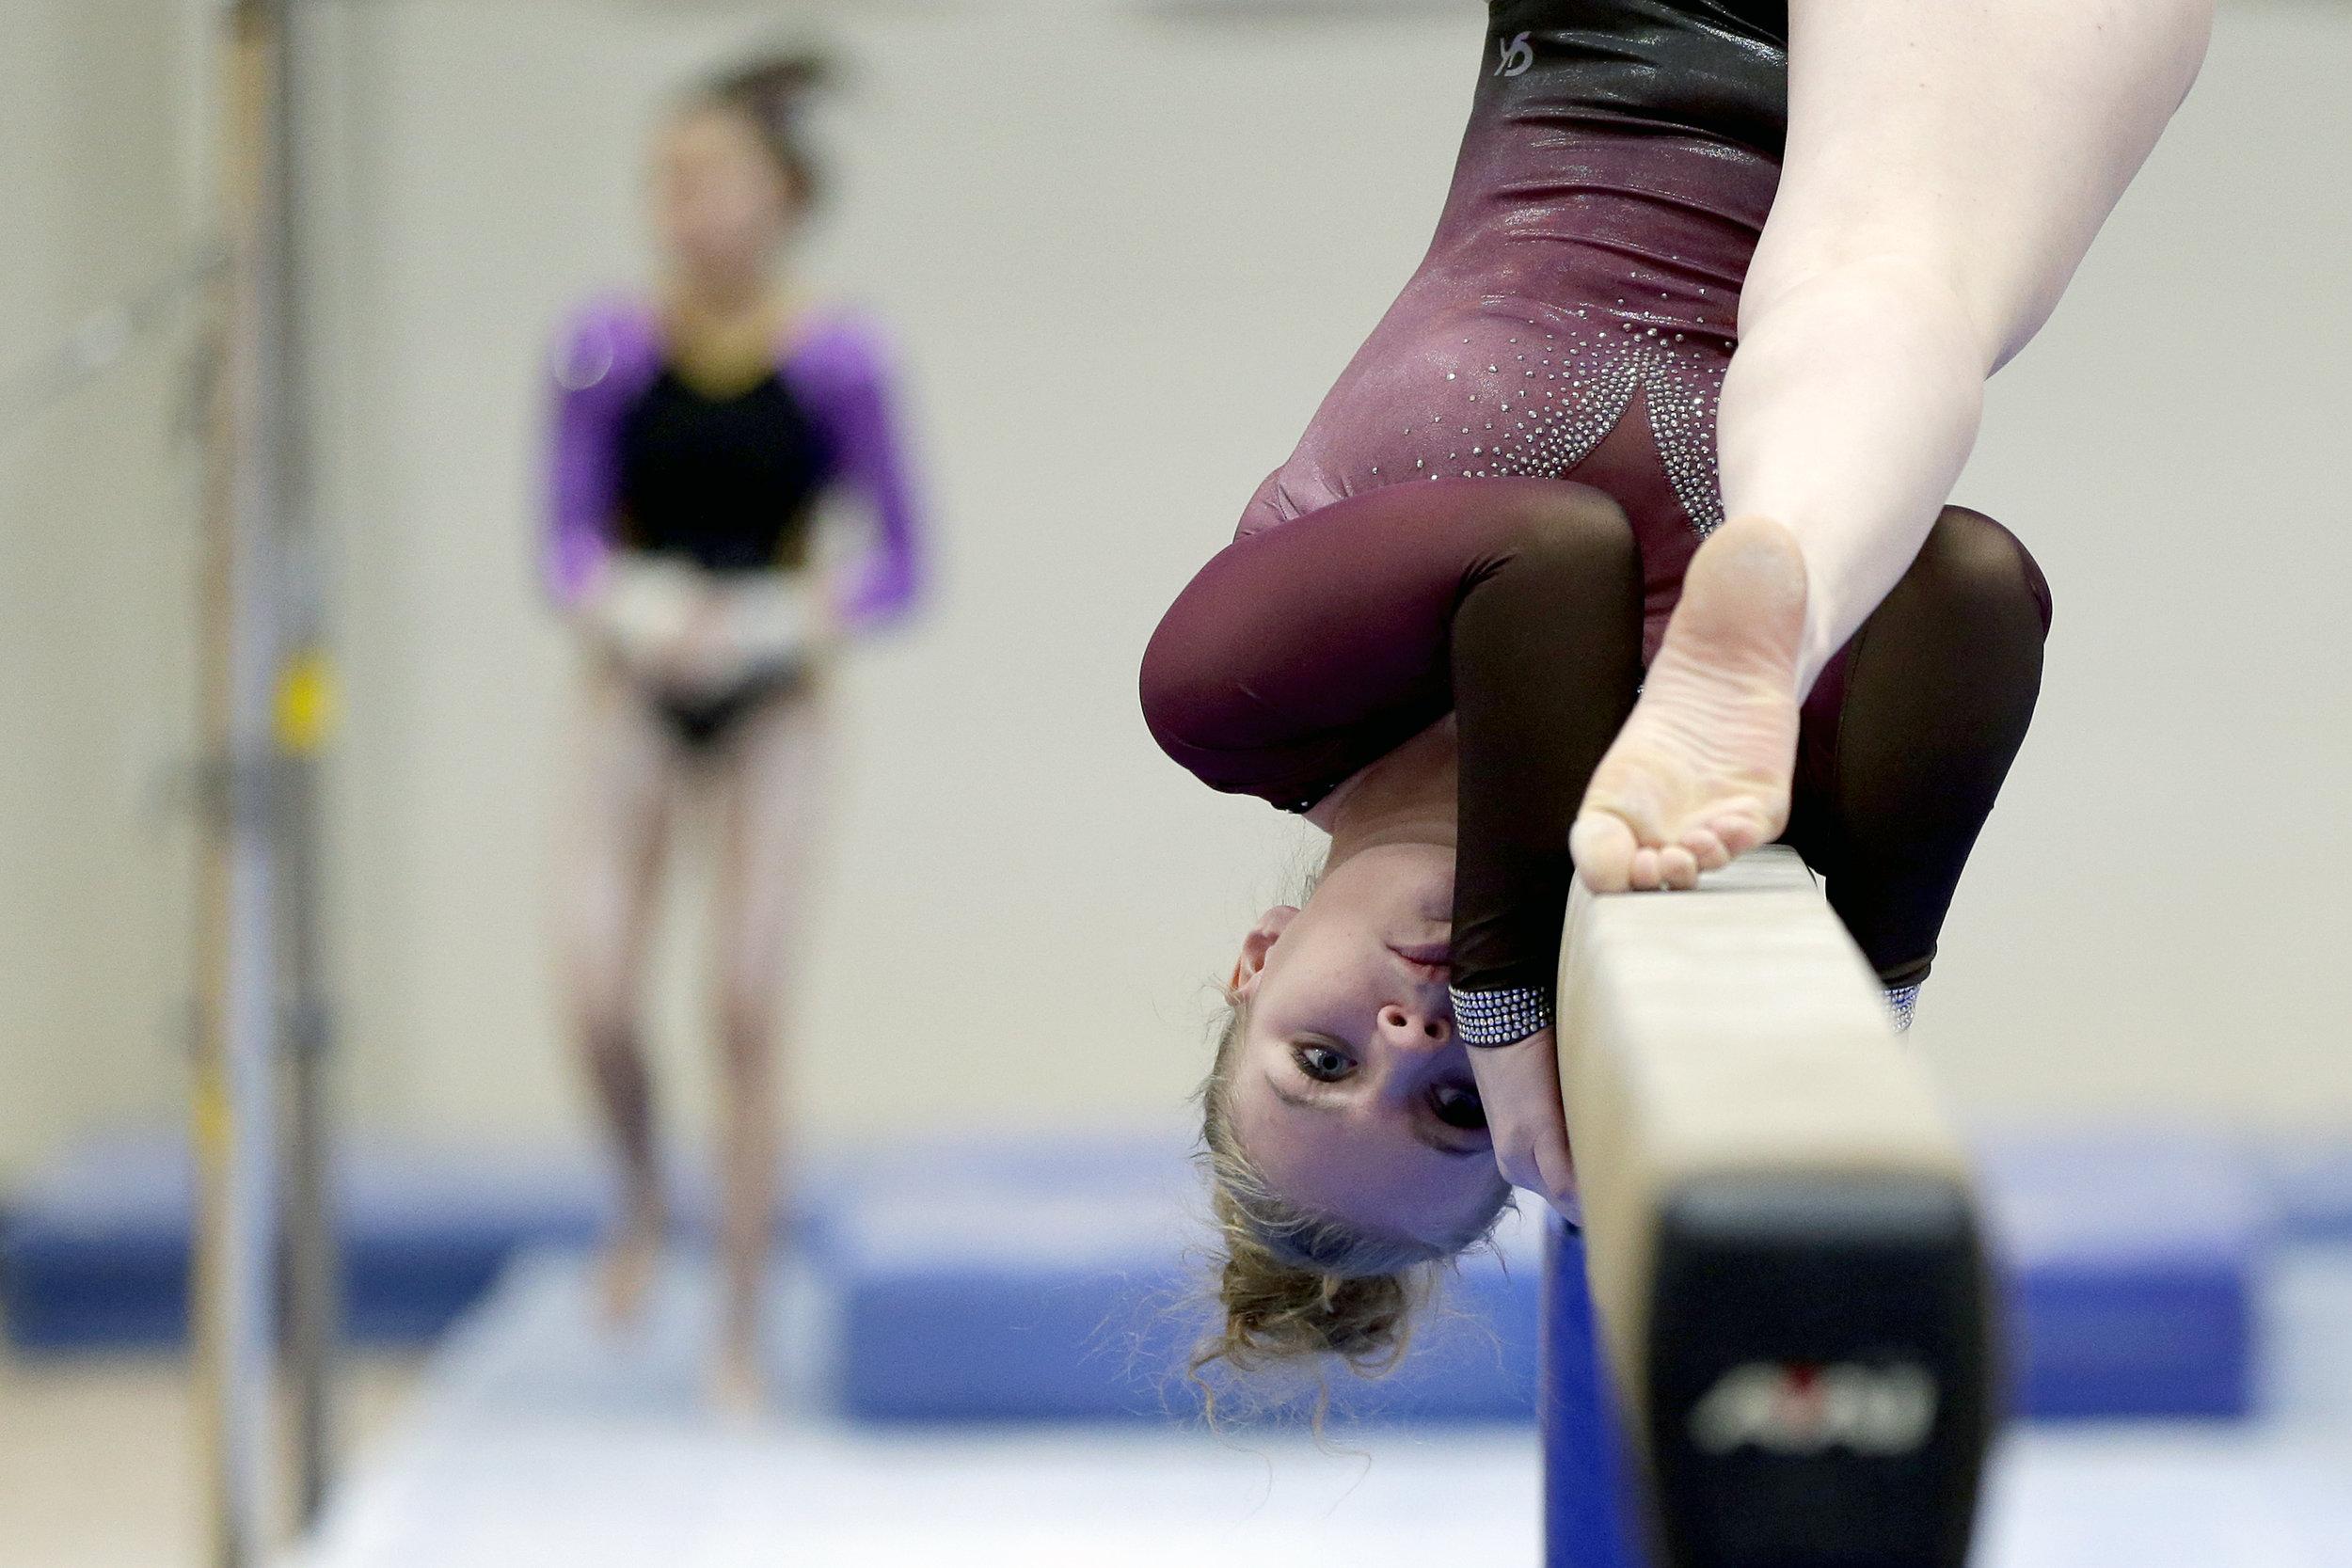 030218 Antigo - state gymnastics 2018 team competition 14.jpg